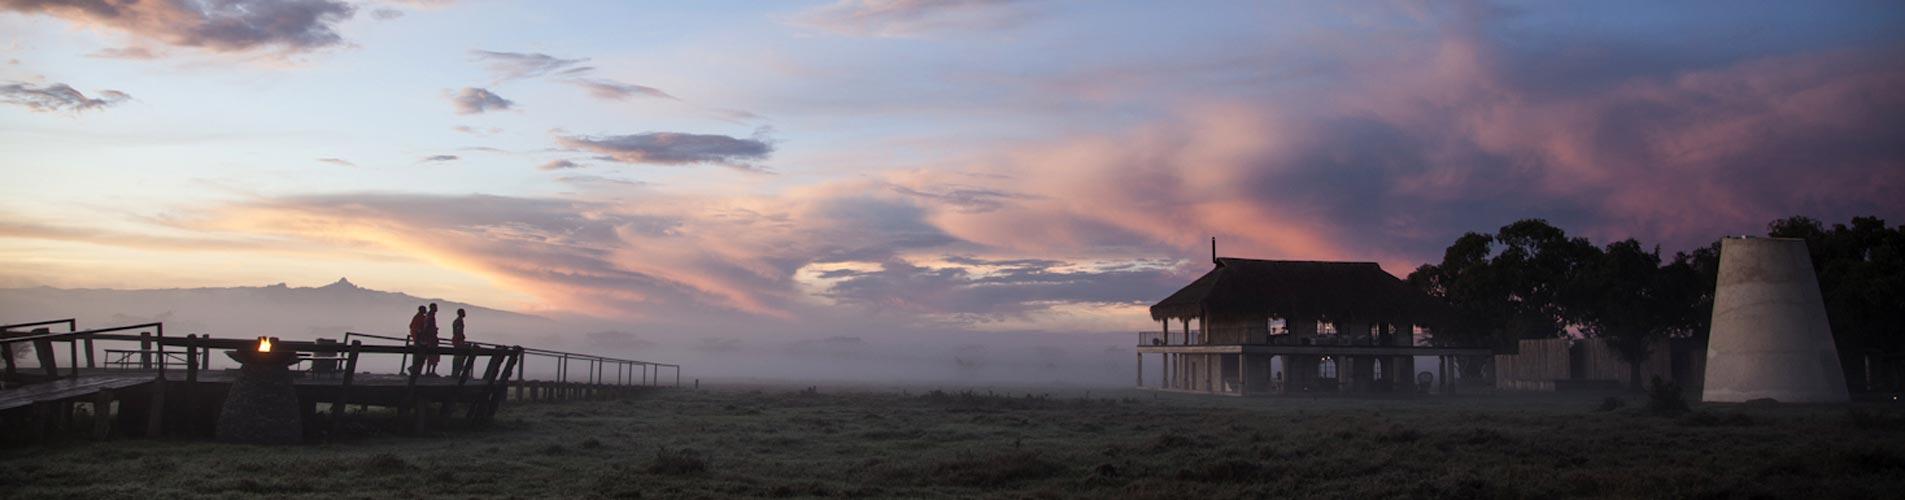 Segera Camp in Kenya At Dawn